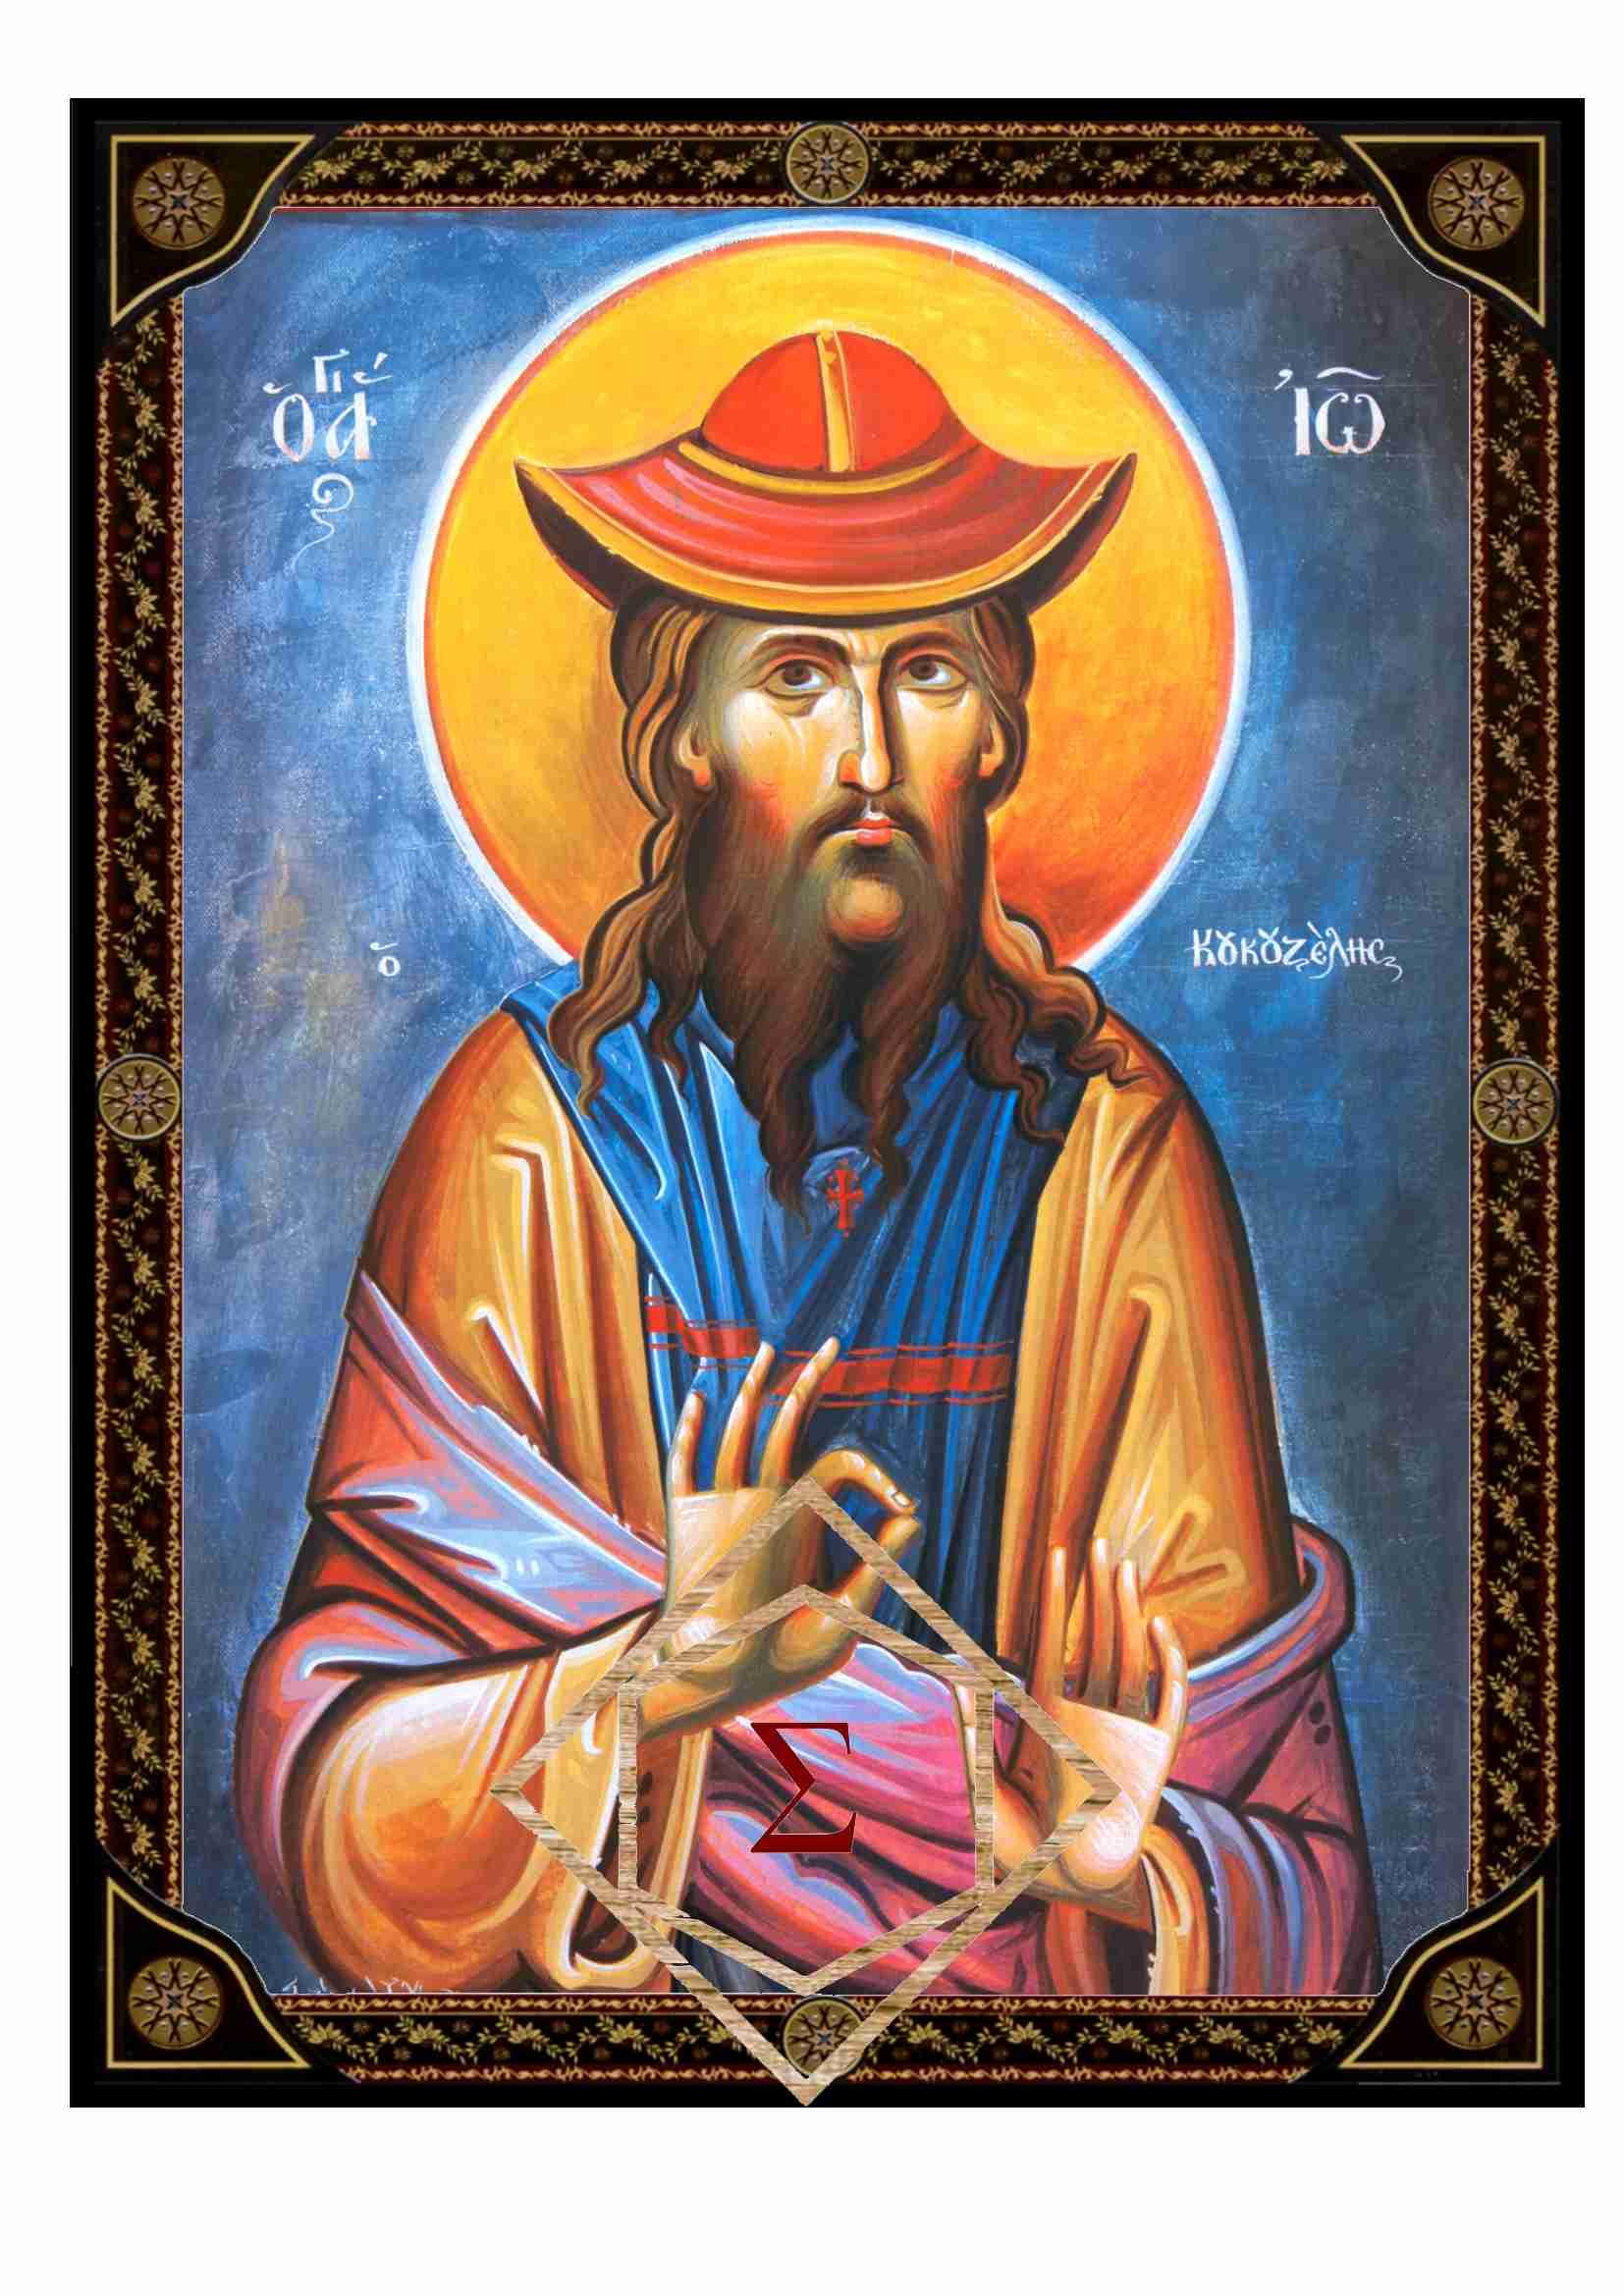 Αποτέλεσμα εικόνας για άγιος ιωάννης κουκουζέλης